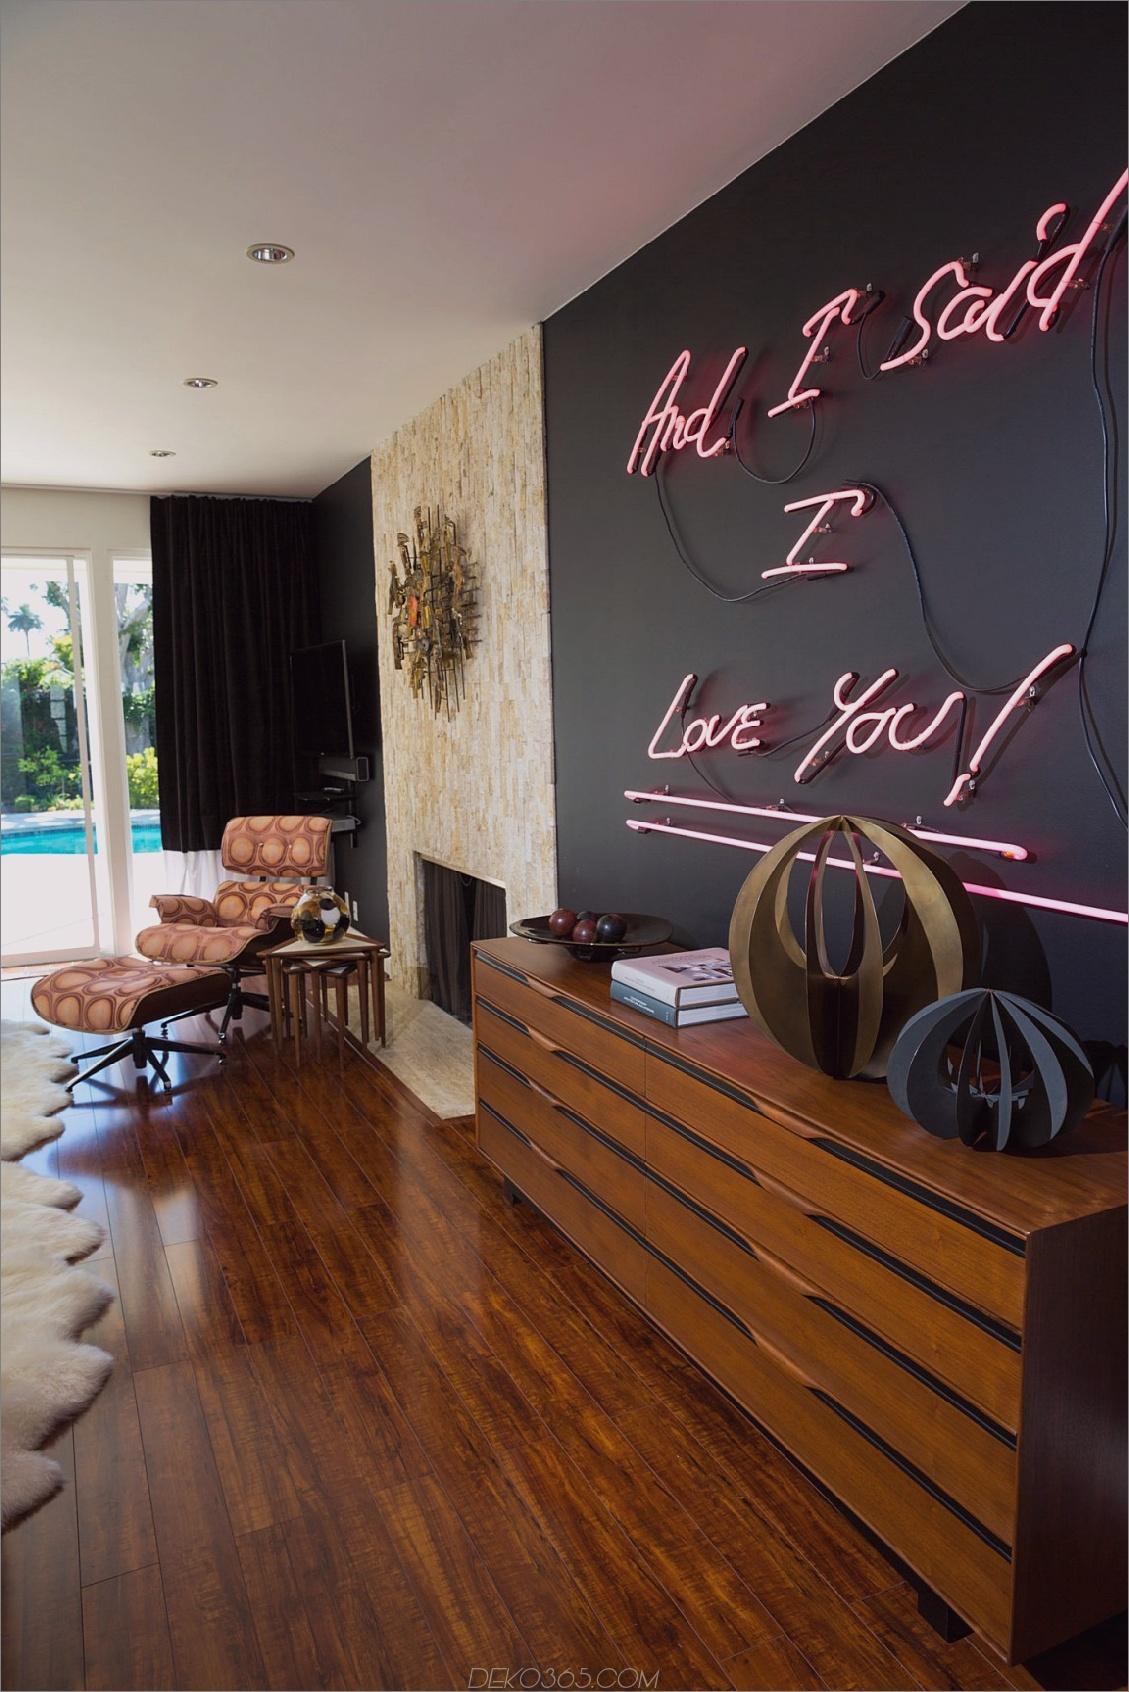 Pop von Farbe auf schwarze Wand Trendige Möglichkeiten, mit Neon Signs zu dekorieren